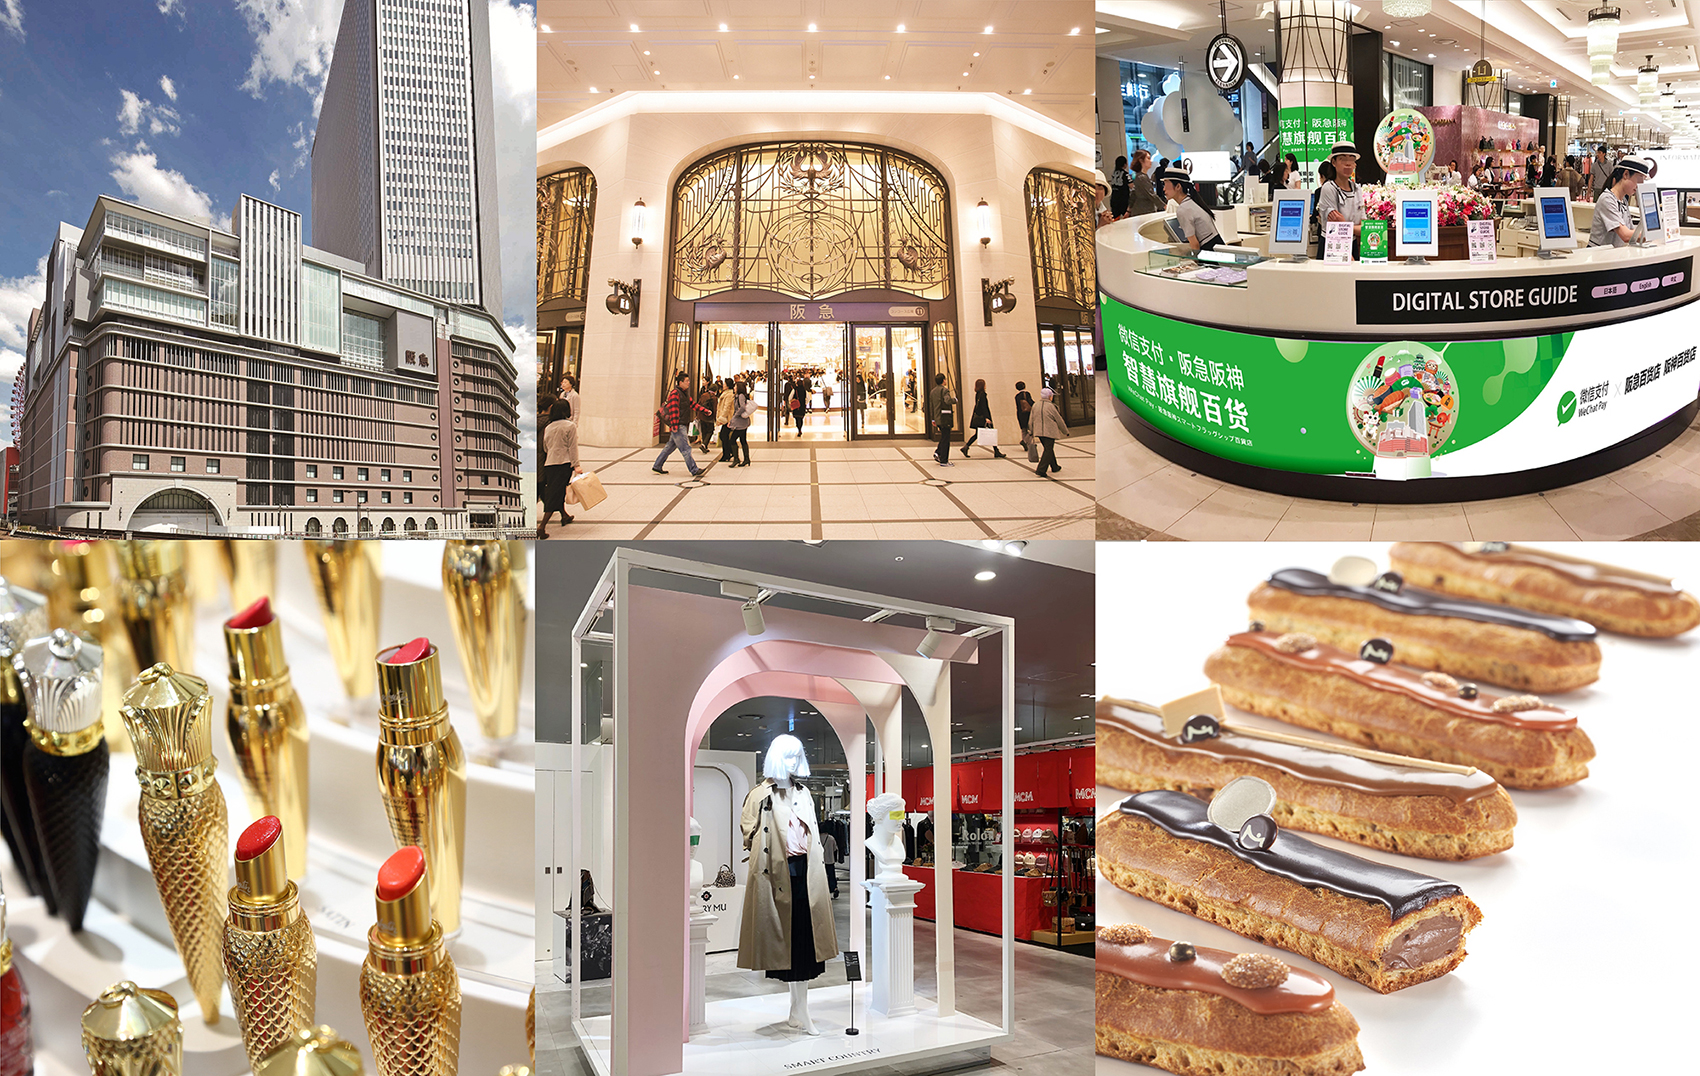 国庆长假去大阪旅游购物,首家登陆日本的智慧旗舰百货等您来逛!